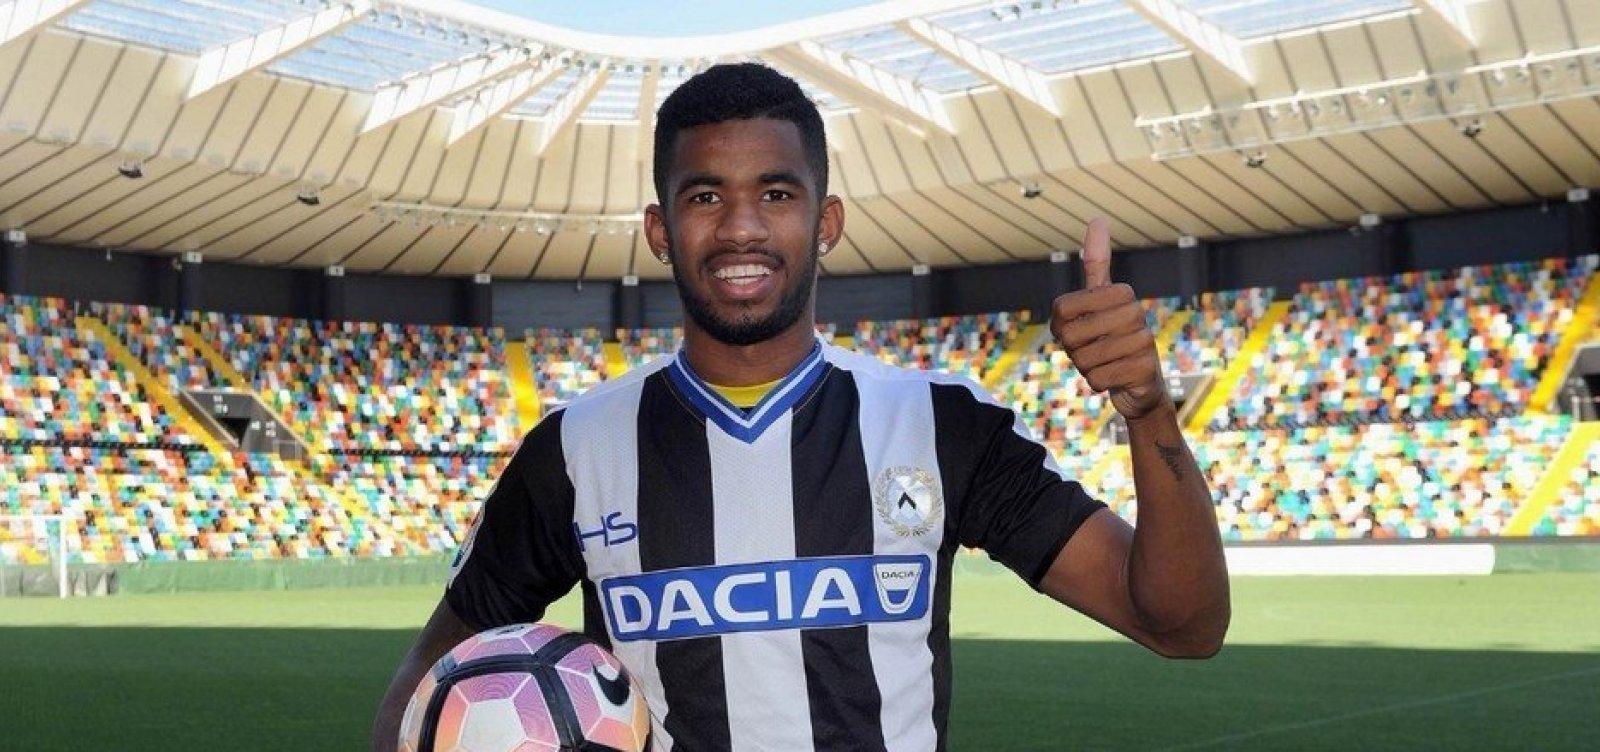 Vitória anuncia atacante de 24 anos emprestado pela Udinese